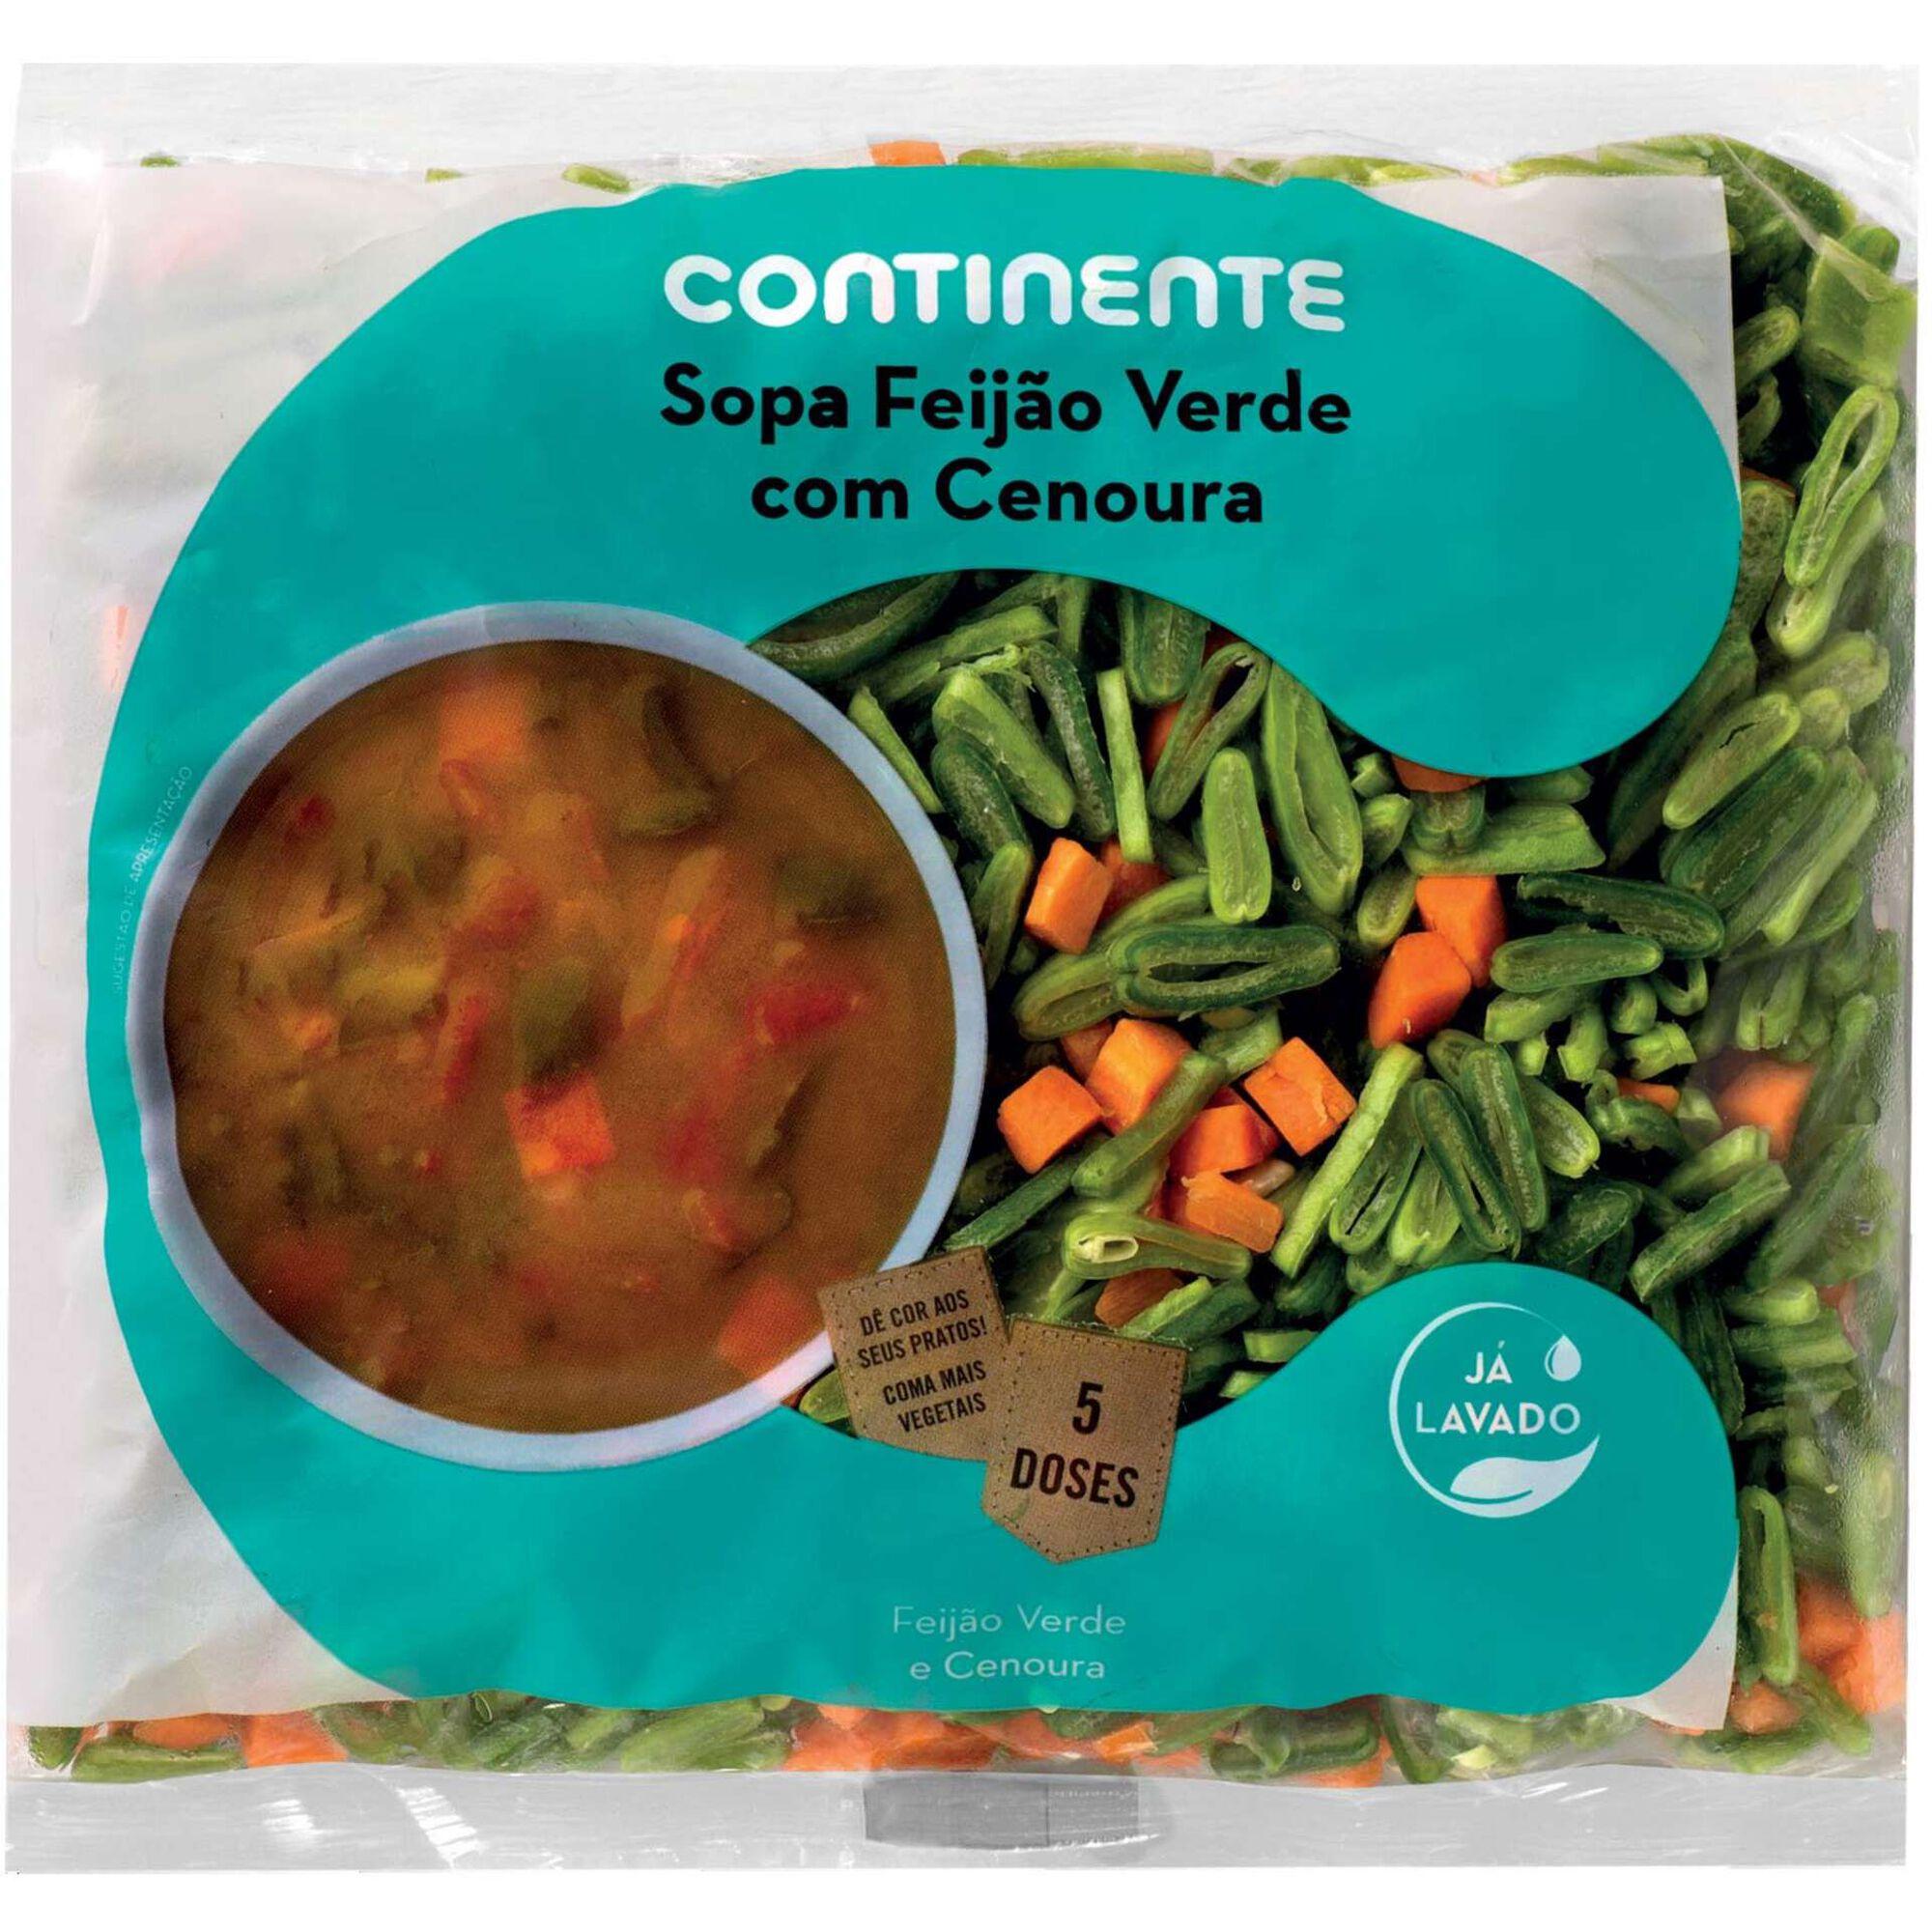 Sopa Feijão Verde com Cenoura